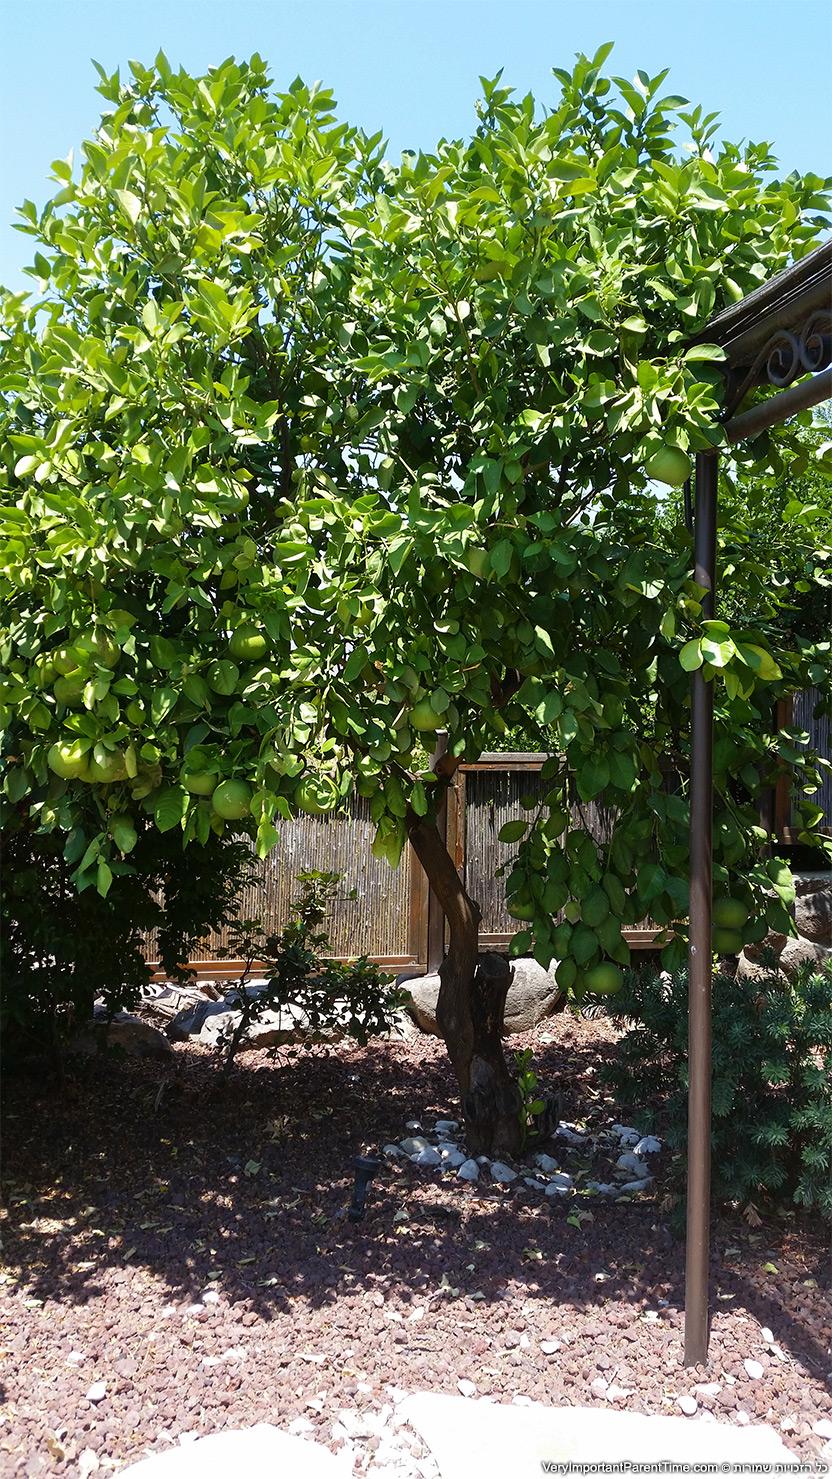 כנען וילאג' - עץ אשכוליות בחצר